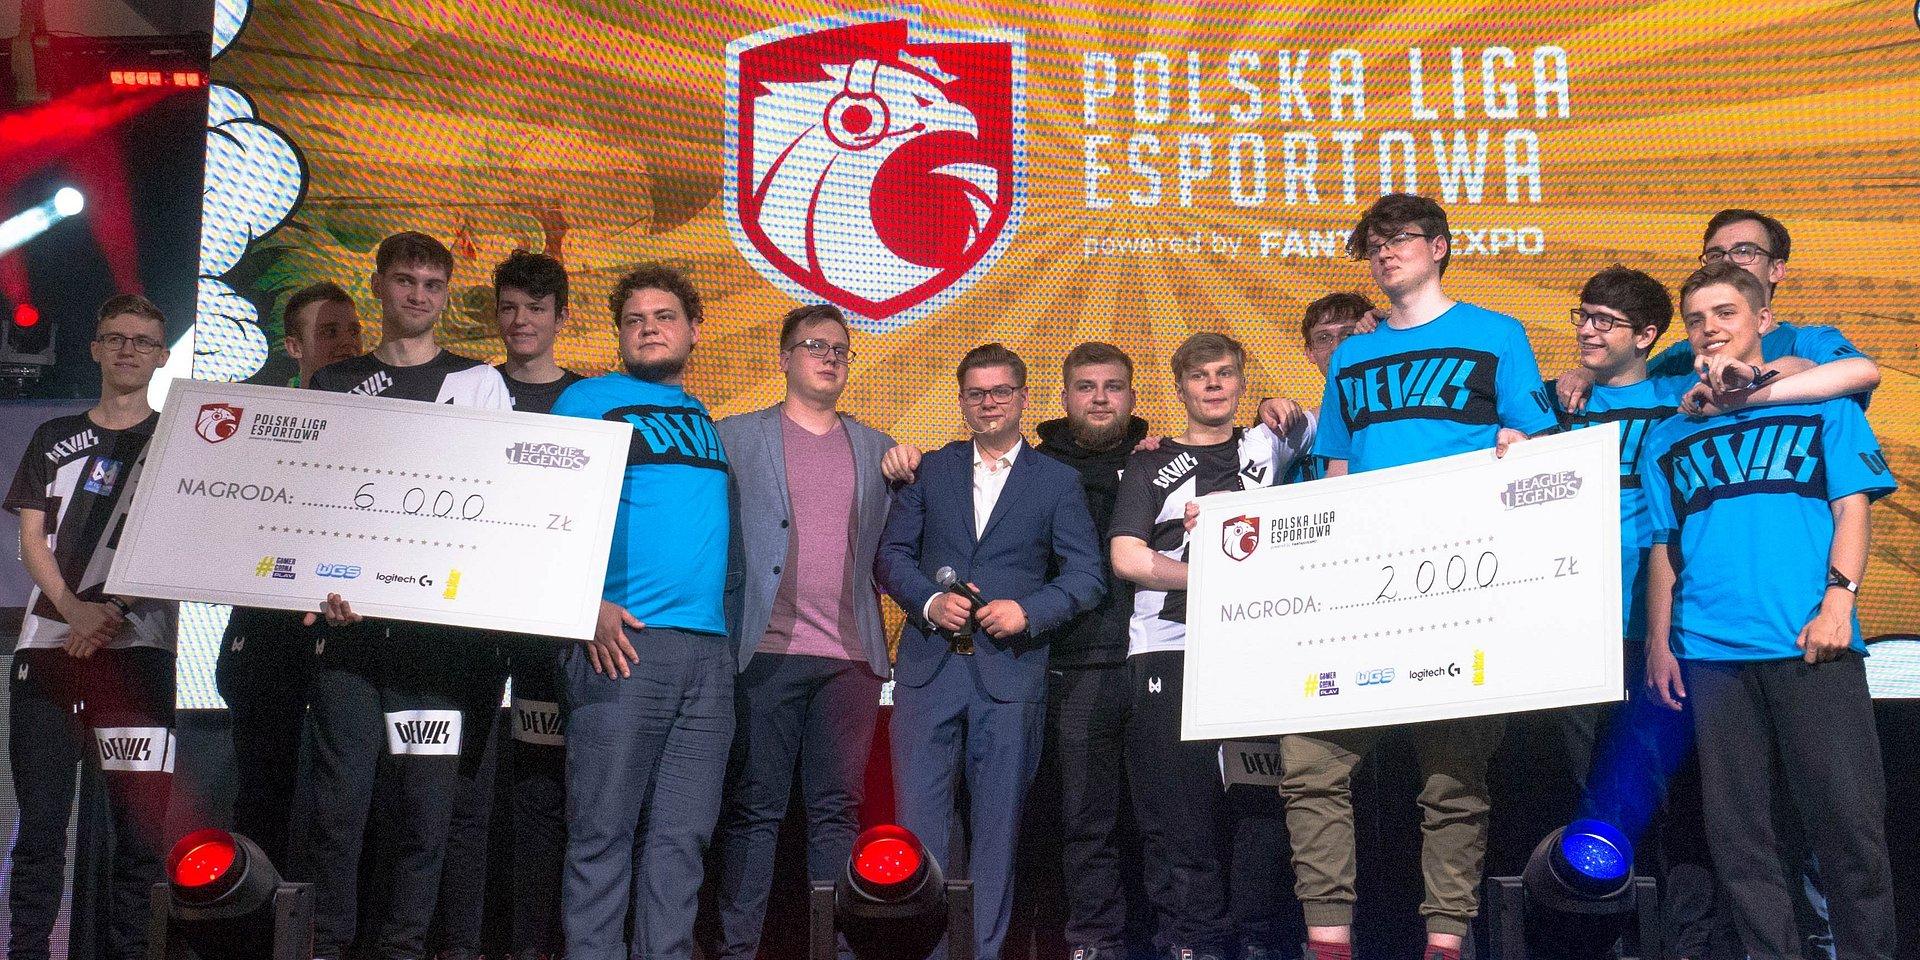 Sensacyjny finał zmagań pierwszego etapu Dywizji LoL Polskiej Ligi Esportowej! Turniej zakończyło bratobójcze starcie DV1 Scouting Grounds i devils.one